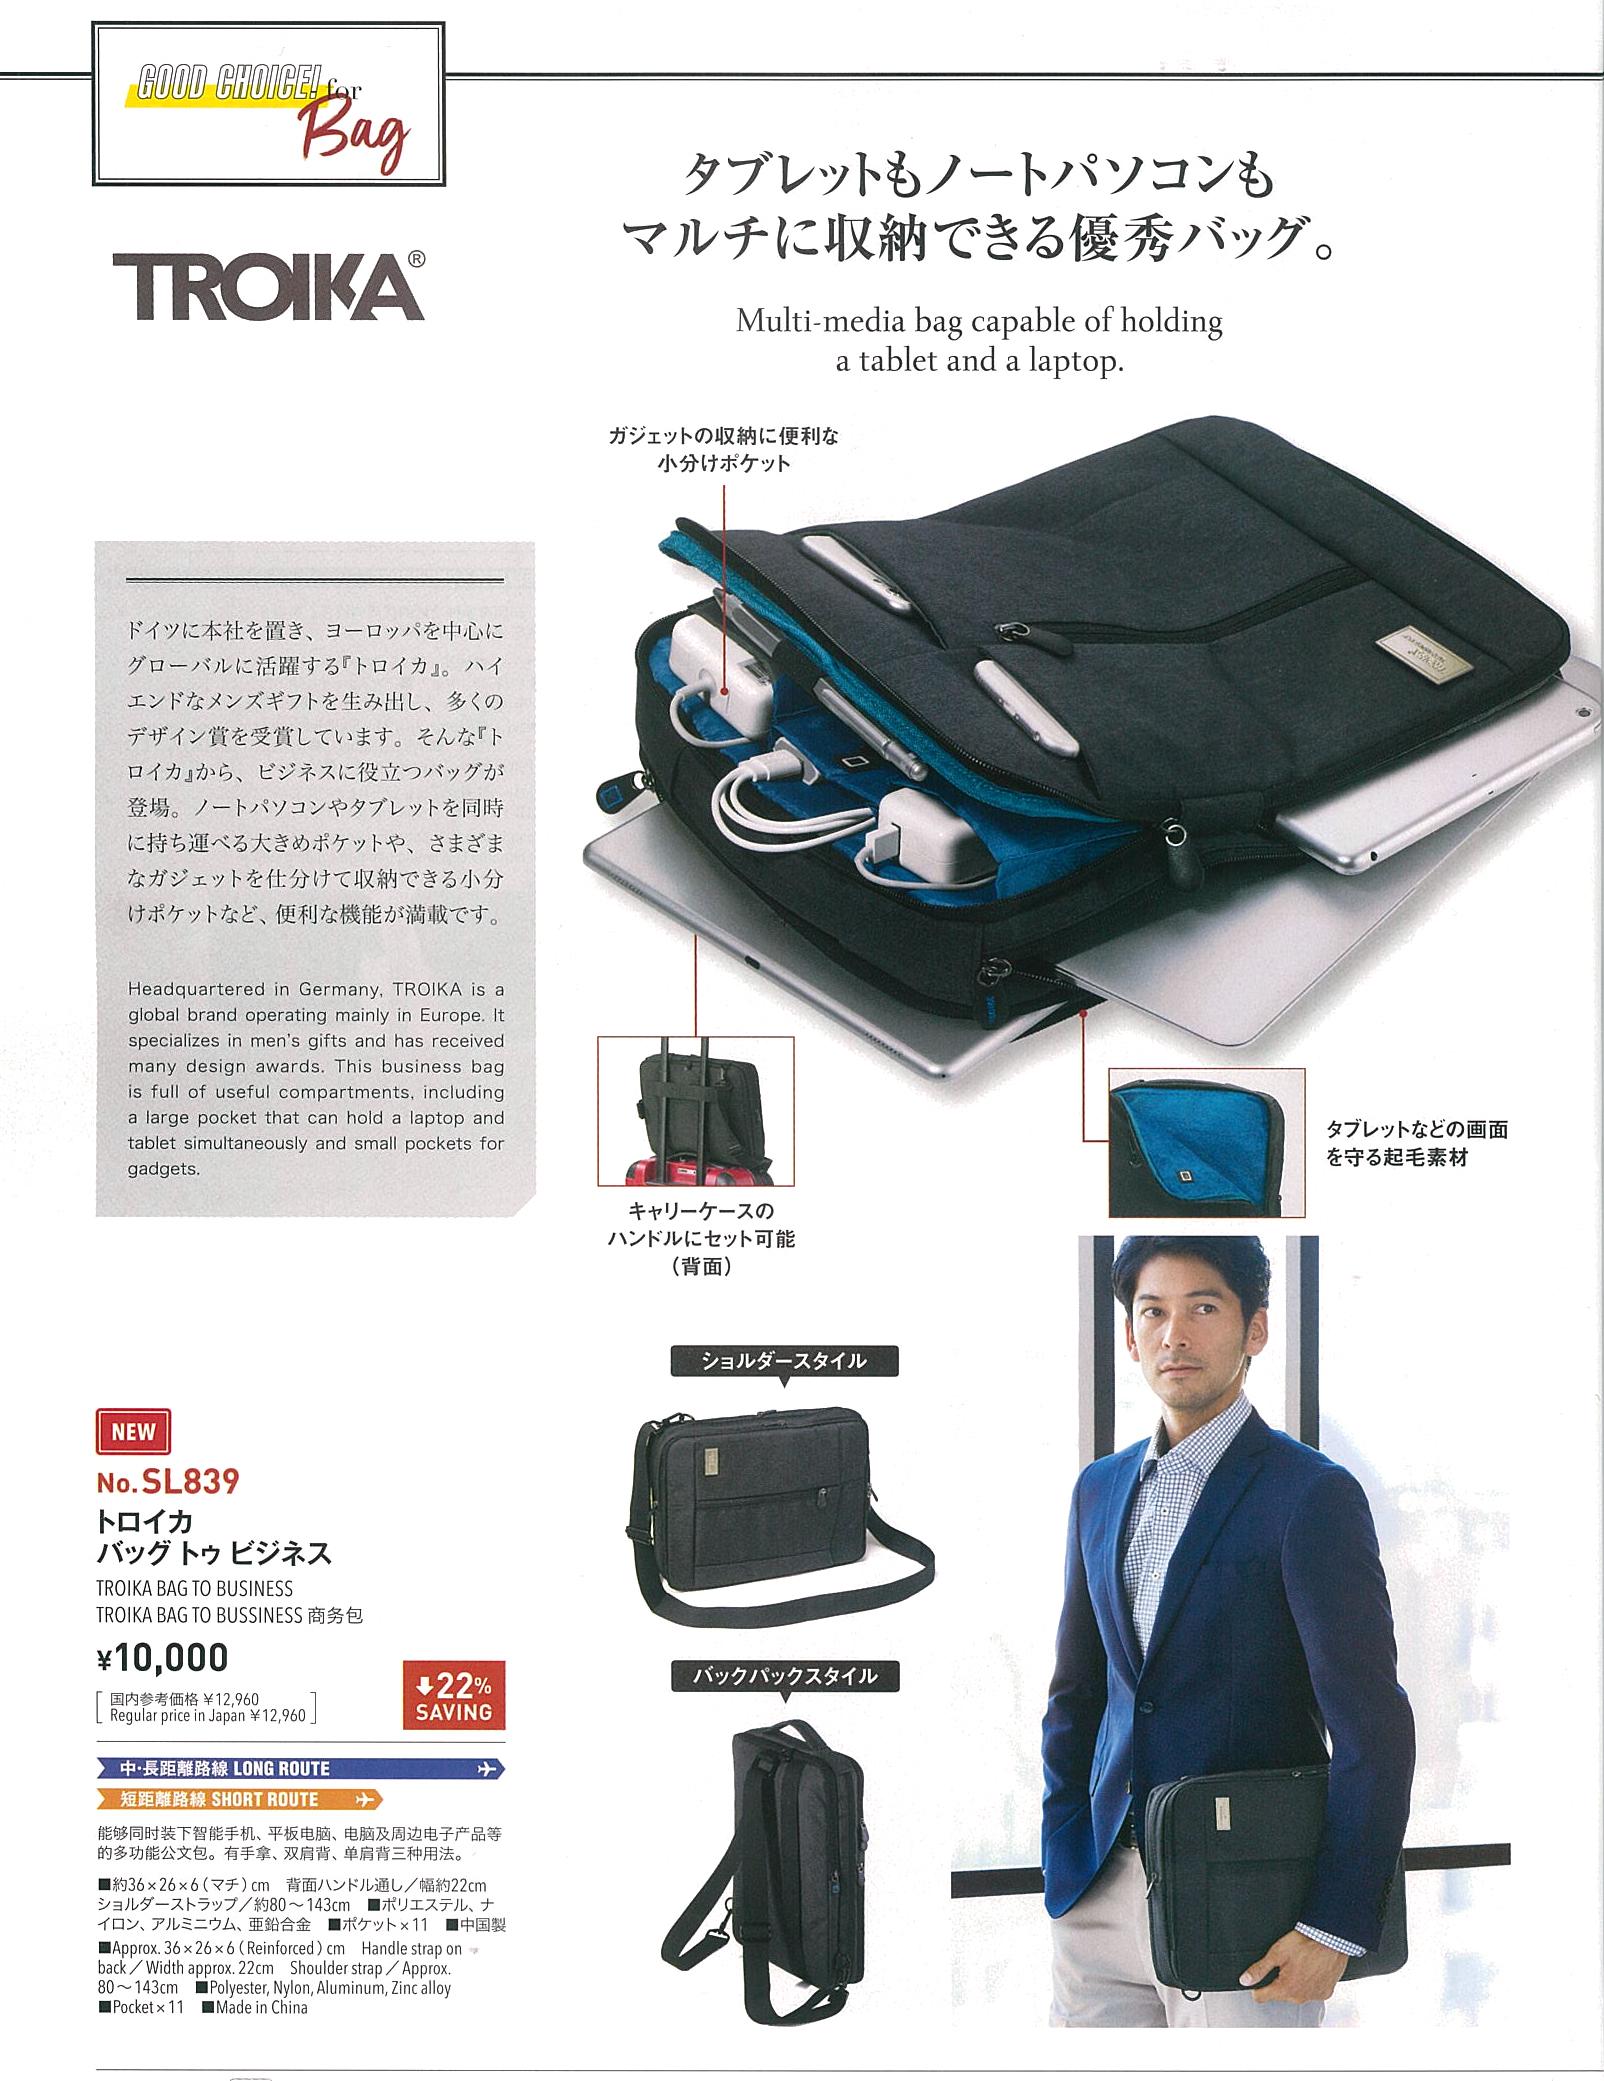 ANA国際線 機内販売において、TROIKA製品の取扱いが開始されました